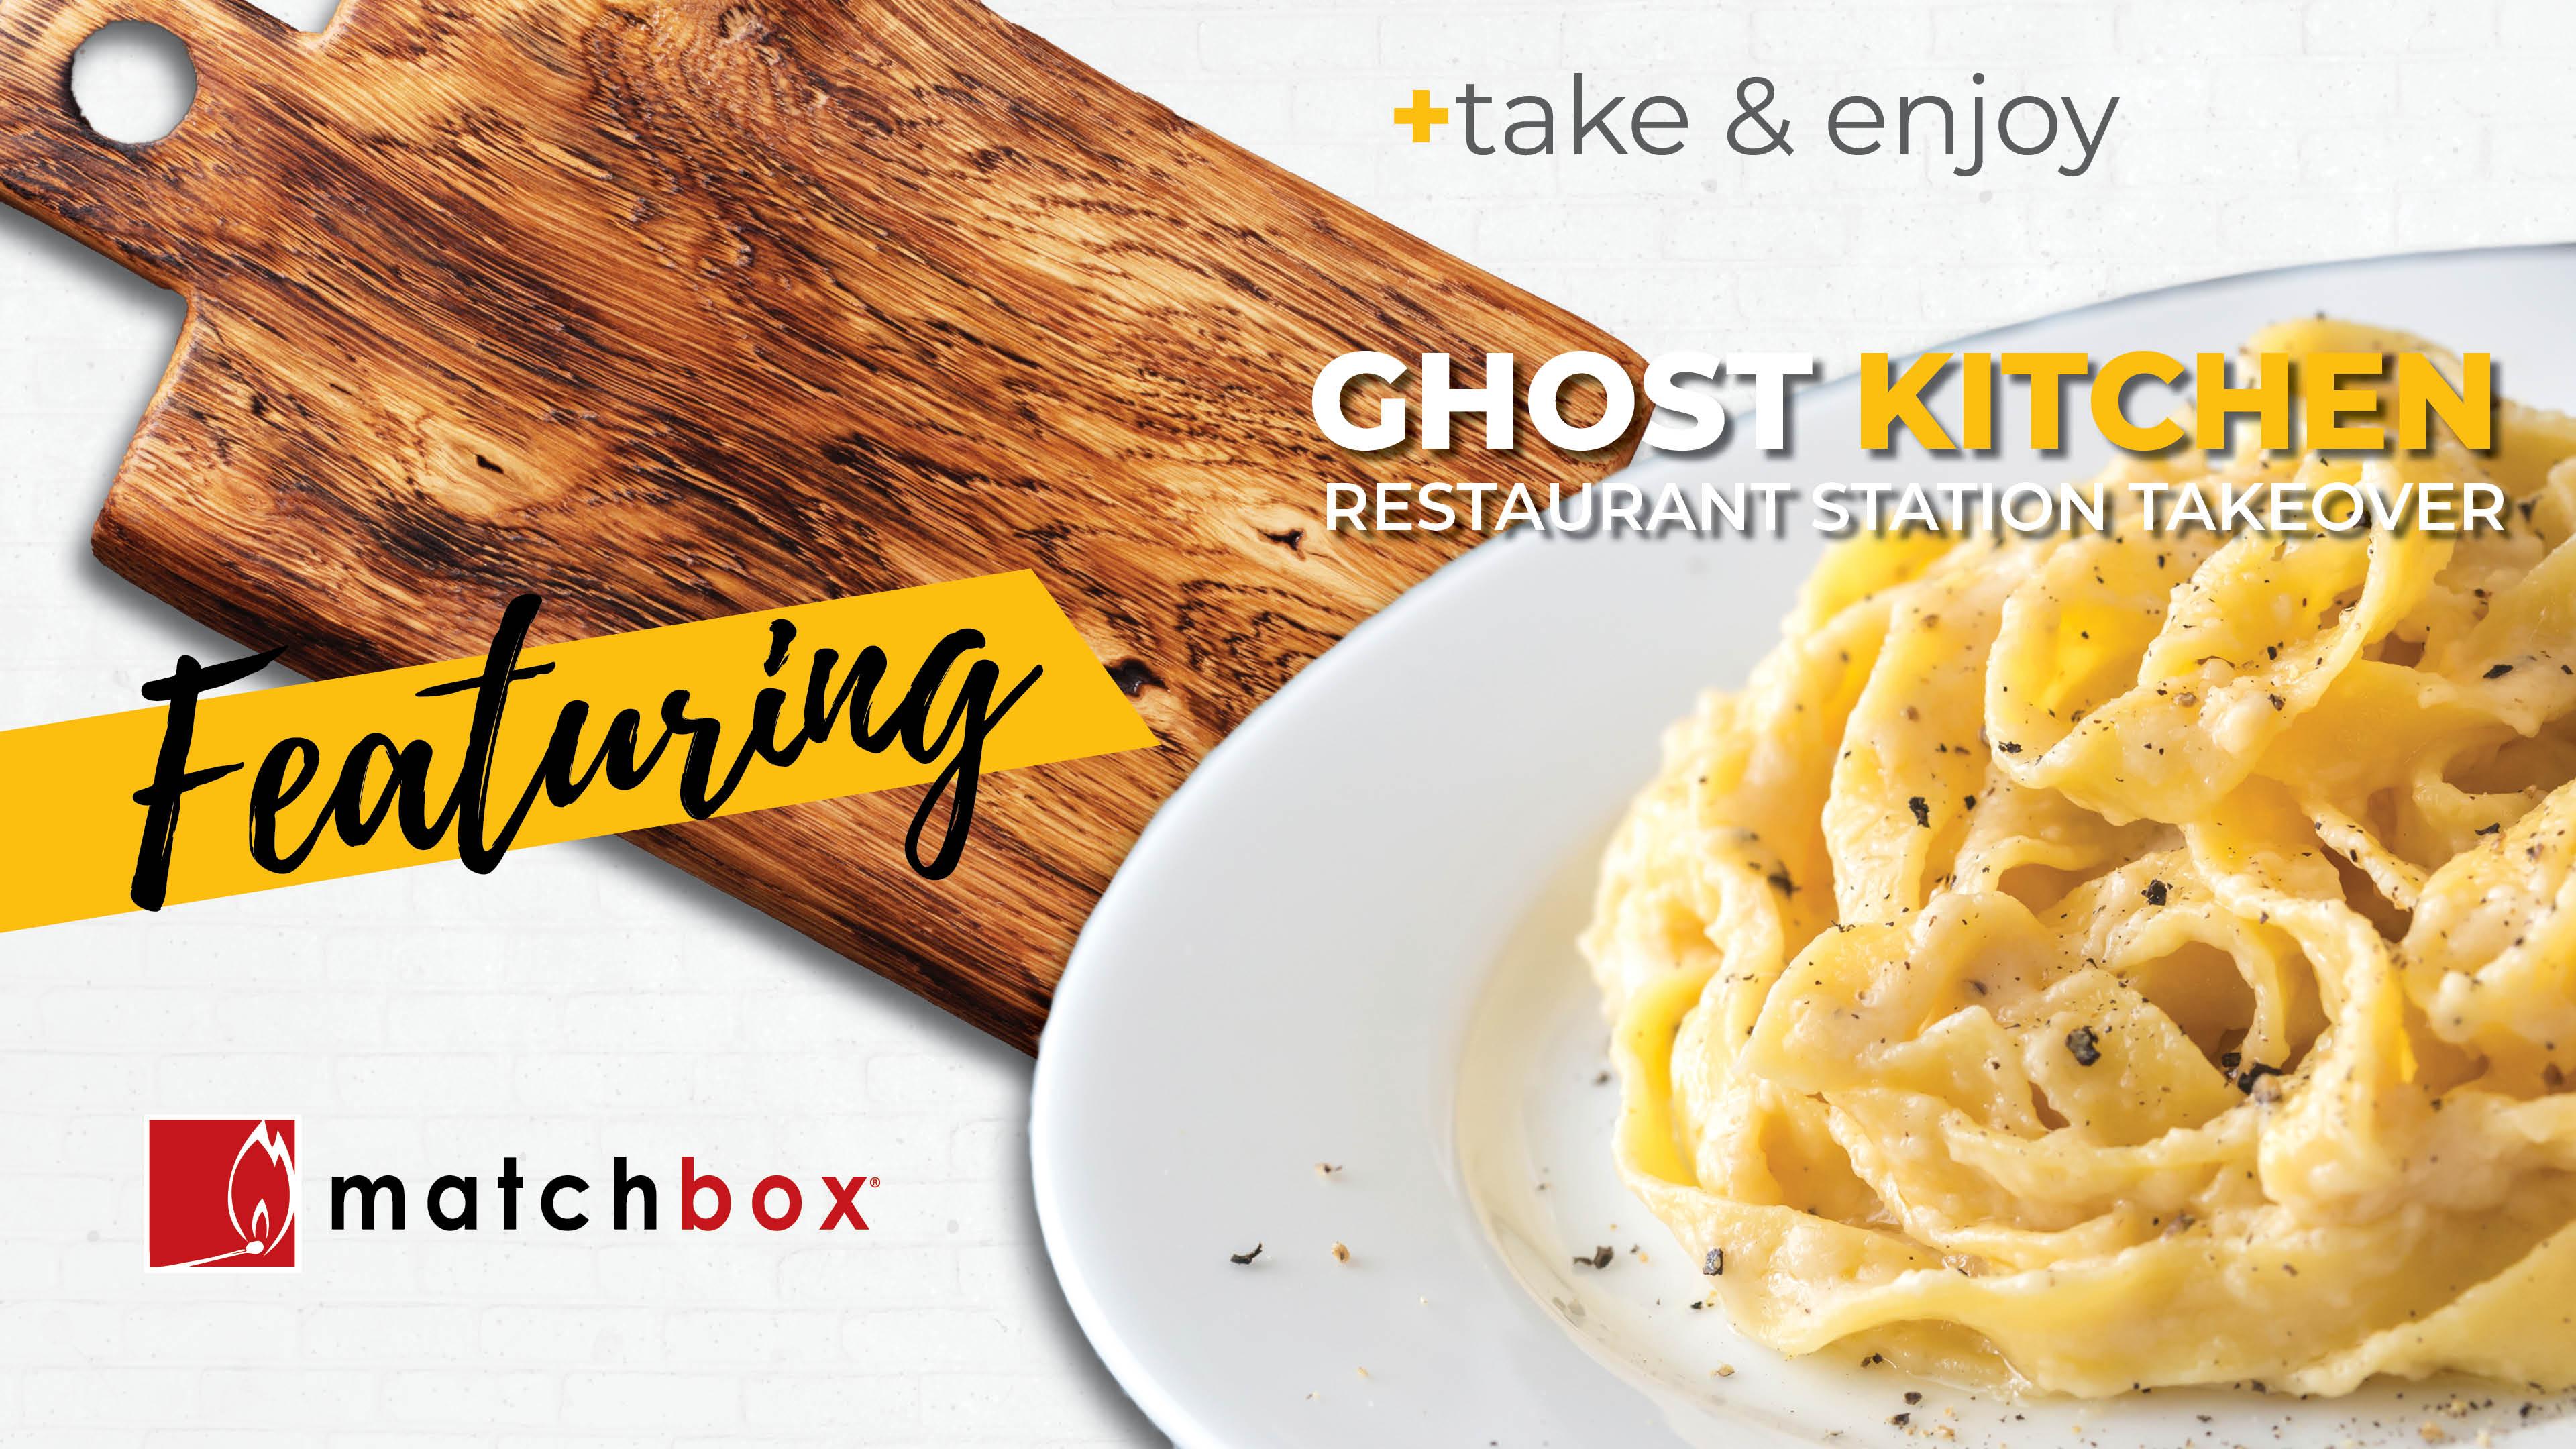 ghk_matchbox